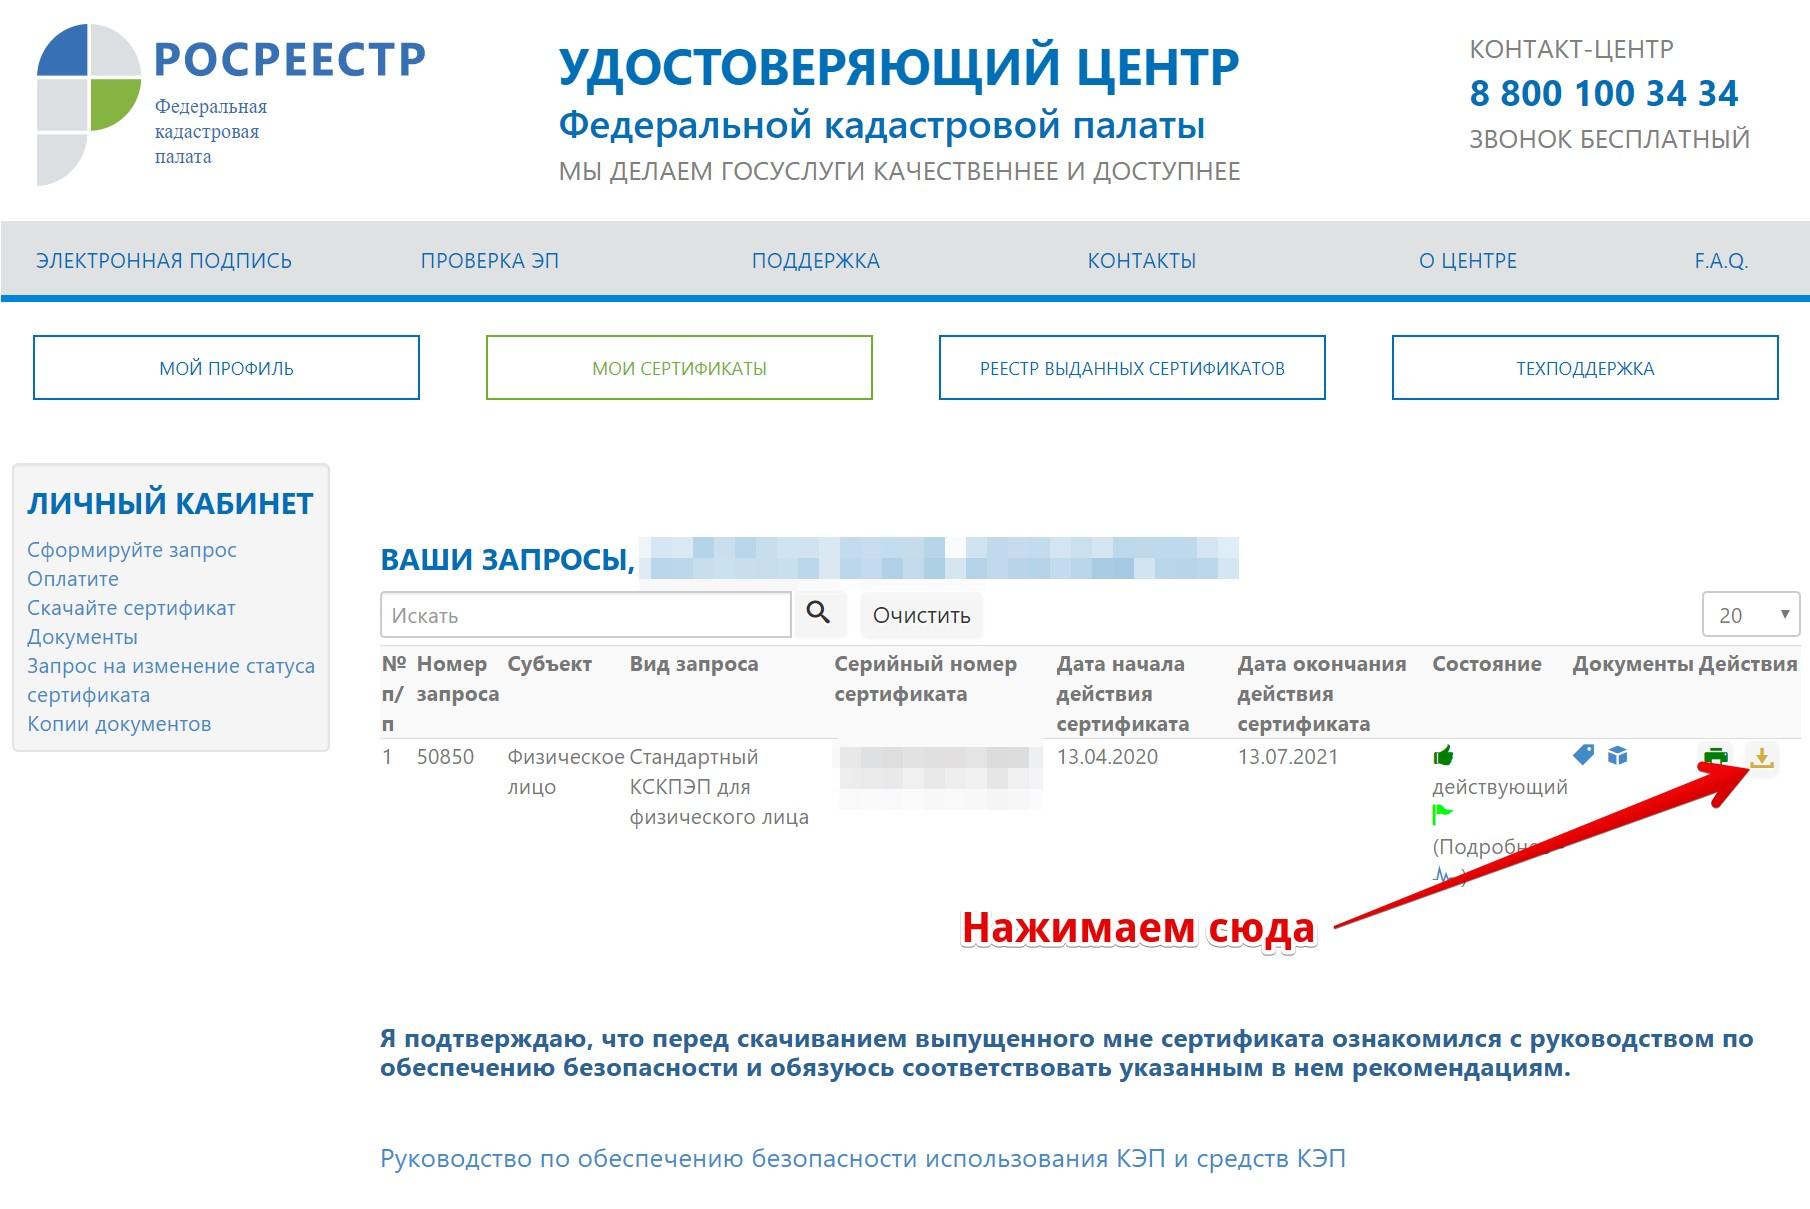 Как скачать личный сертификат для его установки на компьютер для ЭЦП?